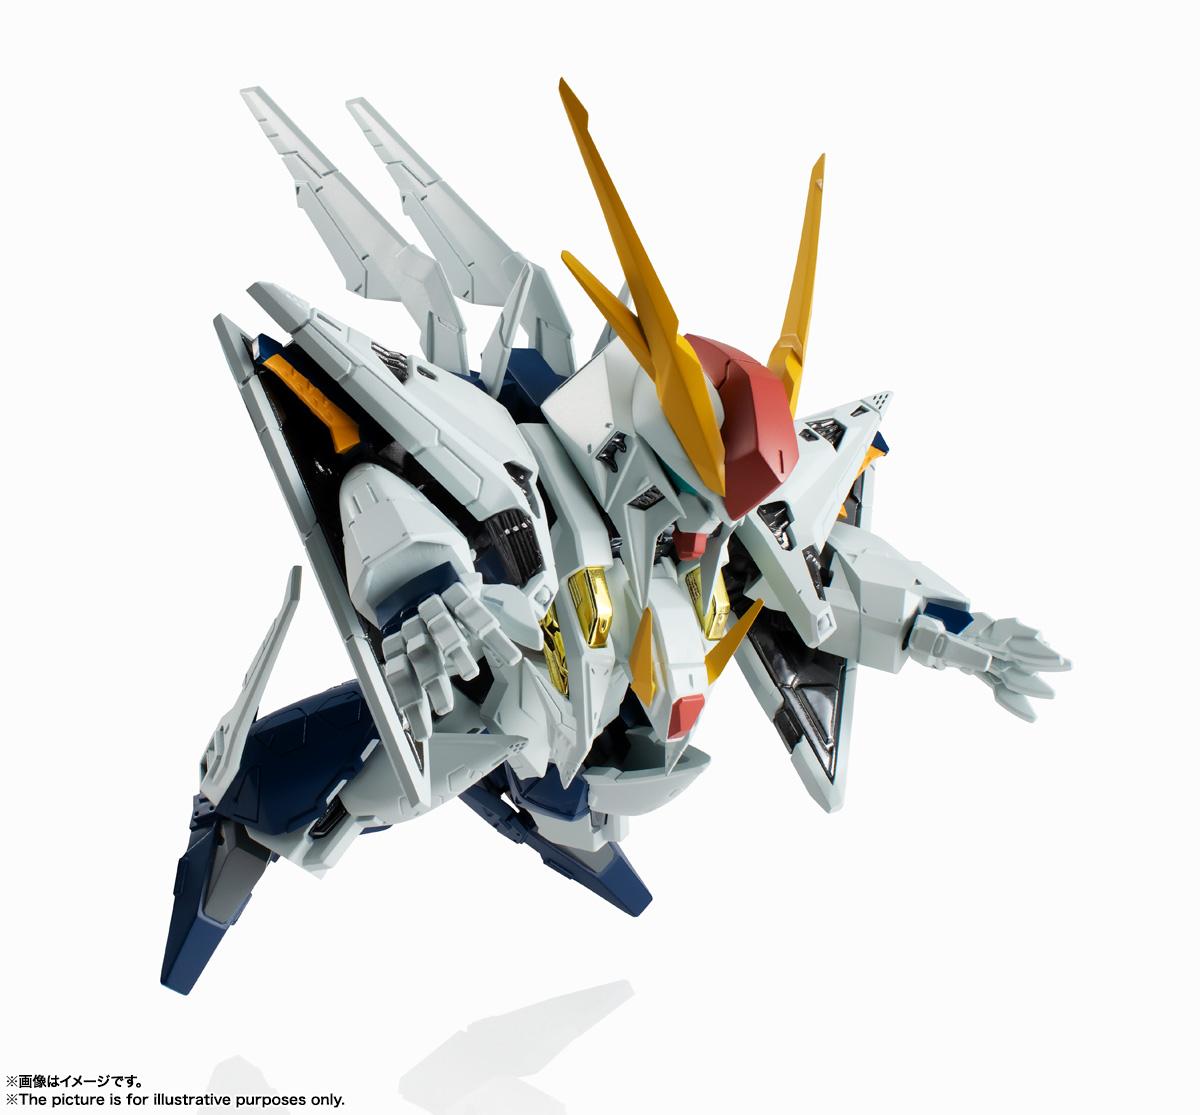 NXEDGE STYLE[MS UNIT]『Ξガンダム』機動戦士ガンダム 閃光のハサウェイ デフォルメ可動フィギュア-001